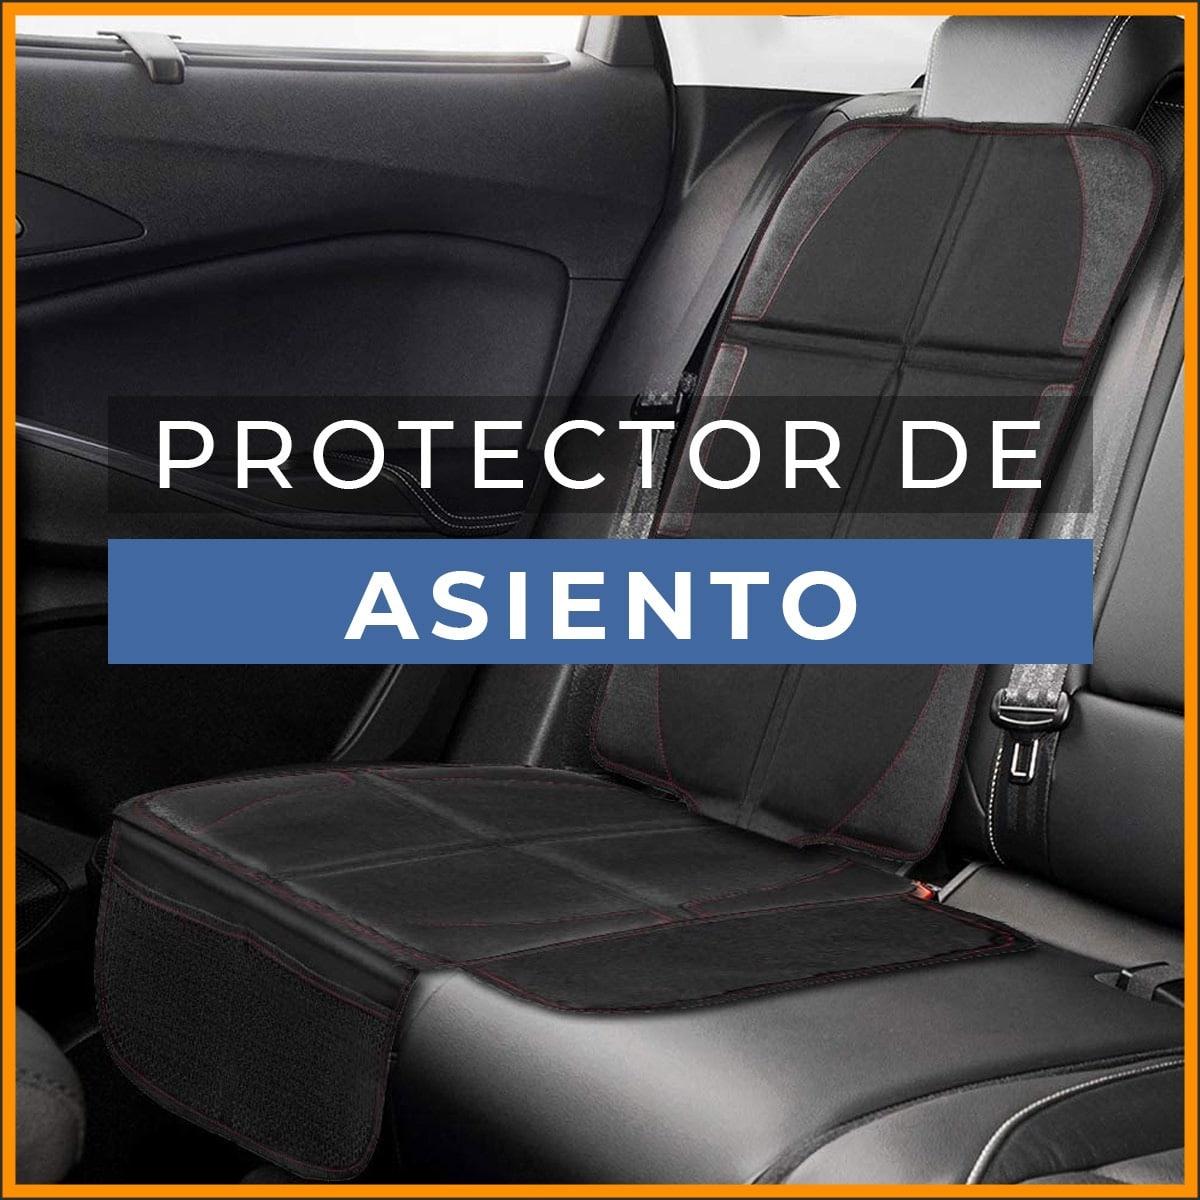 protector de asiento